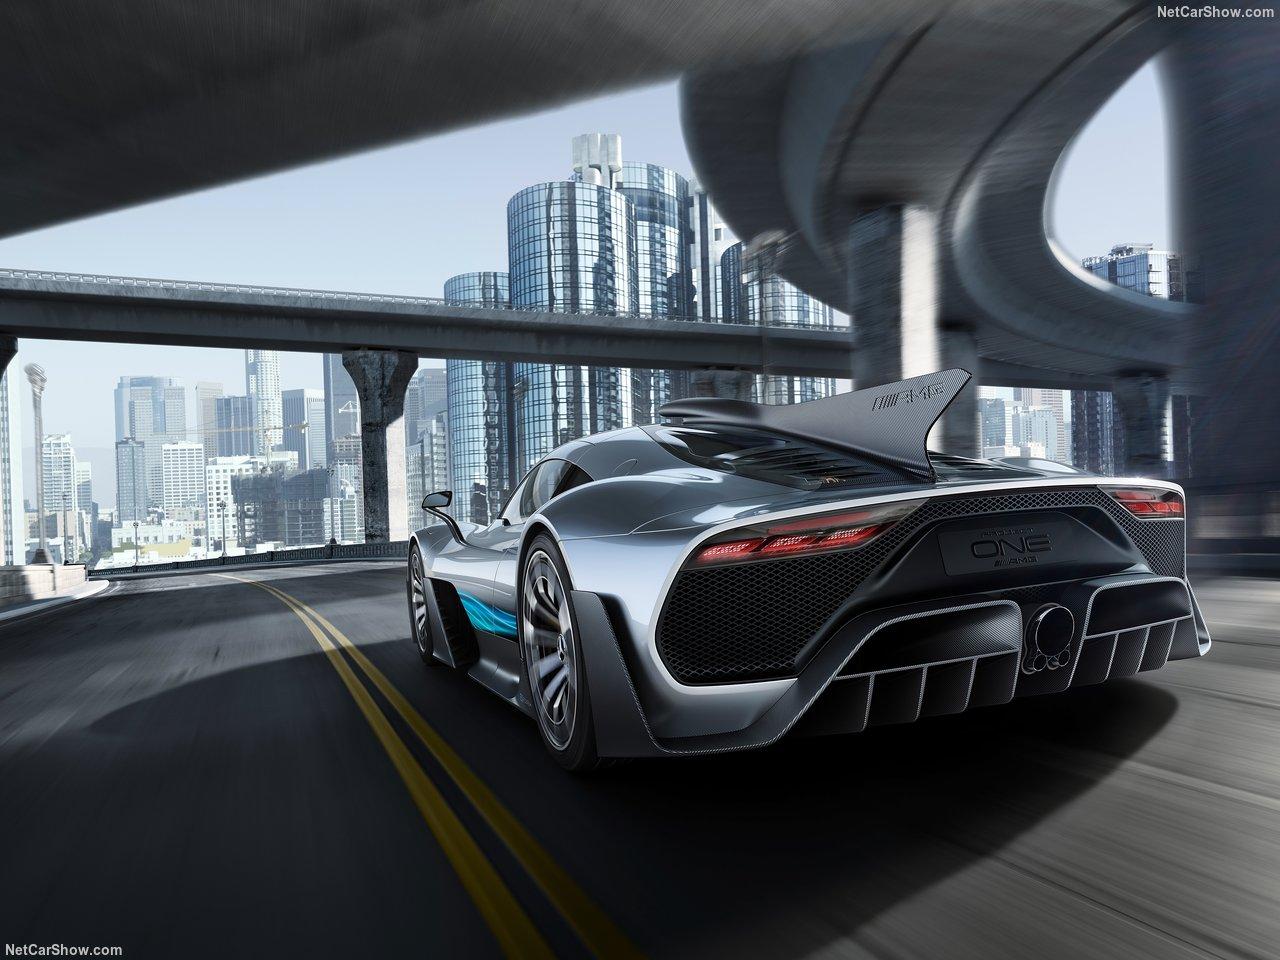 Mercedes-AMG ONE, o hiperdesportivo de 1000 cv com tecnologia de Fórmula 1